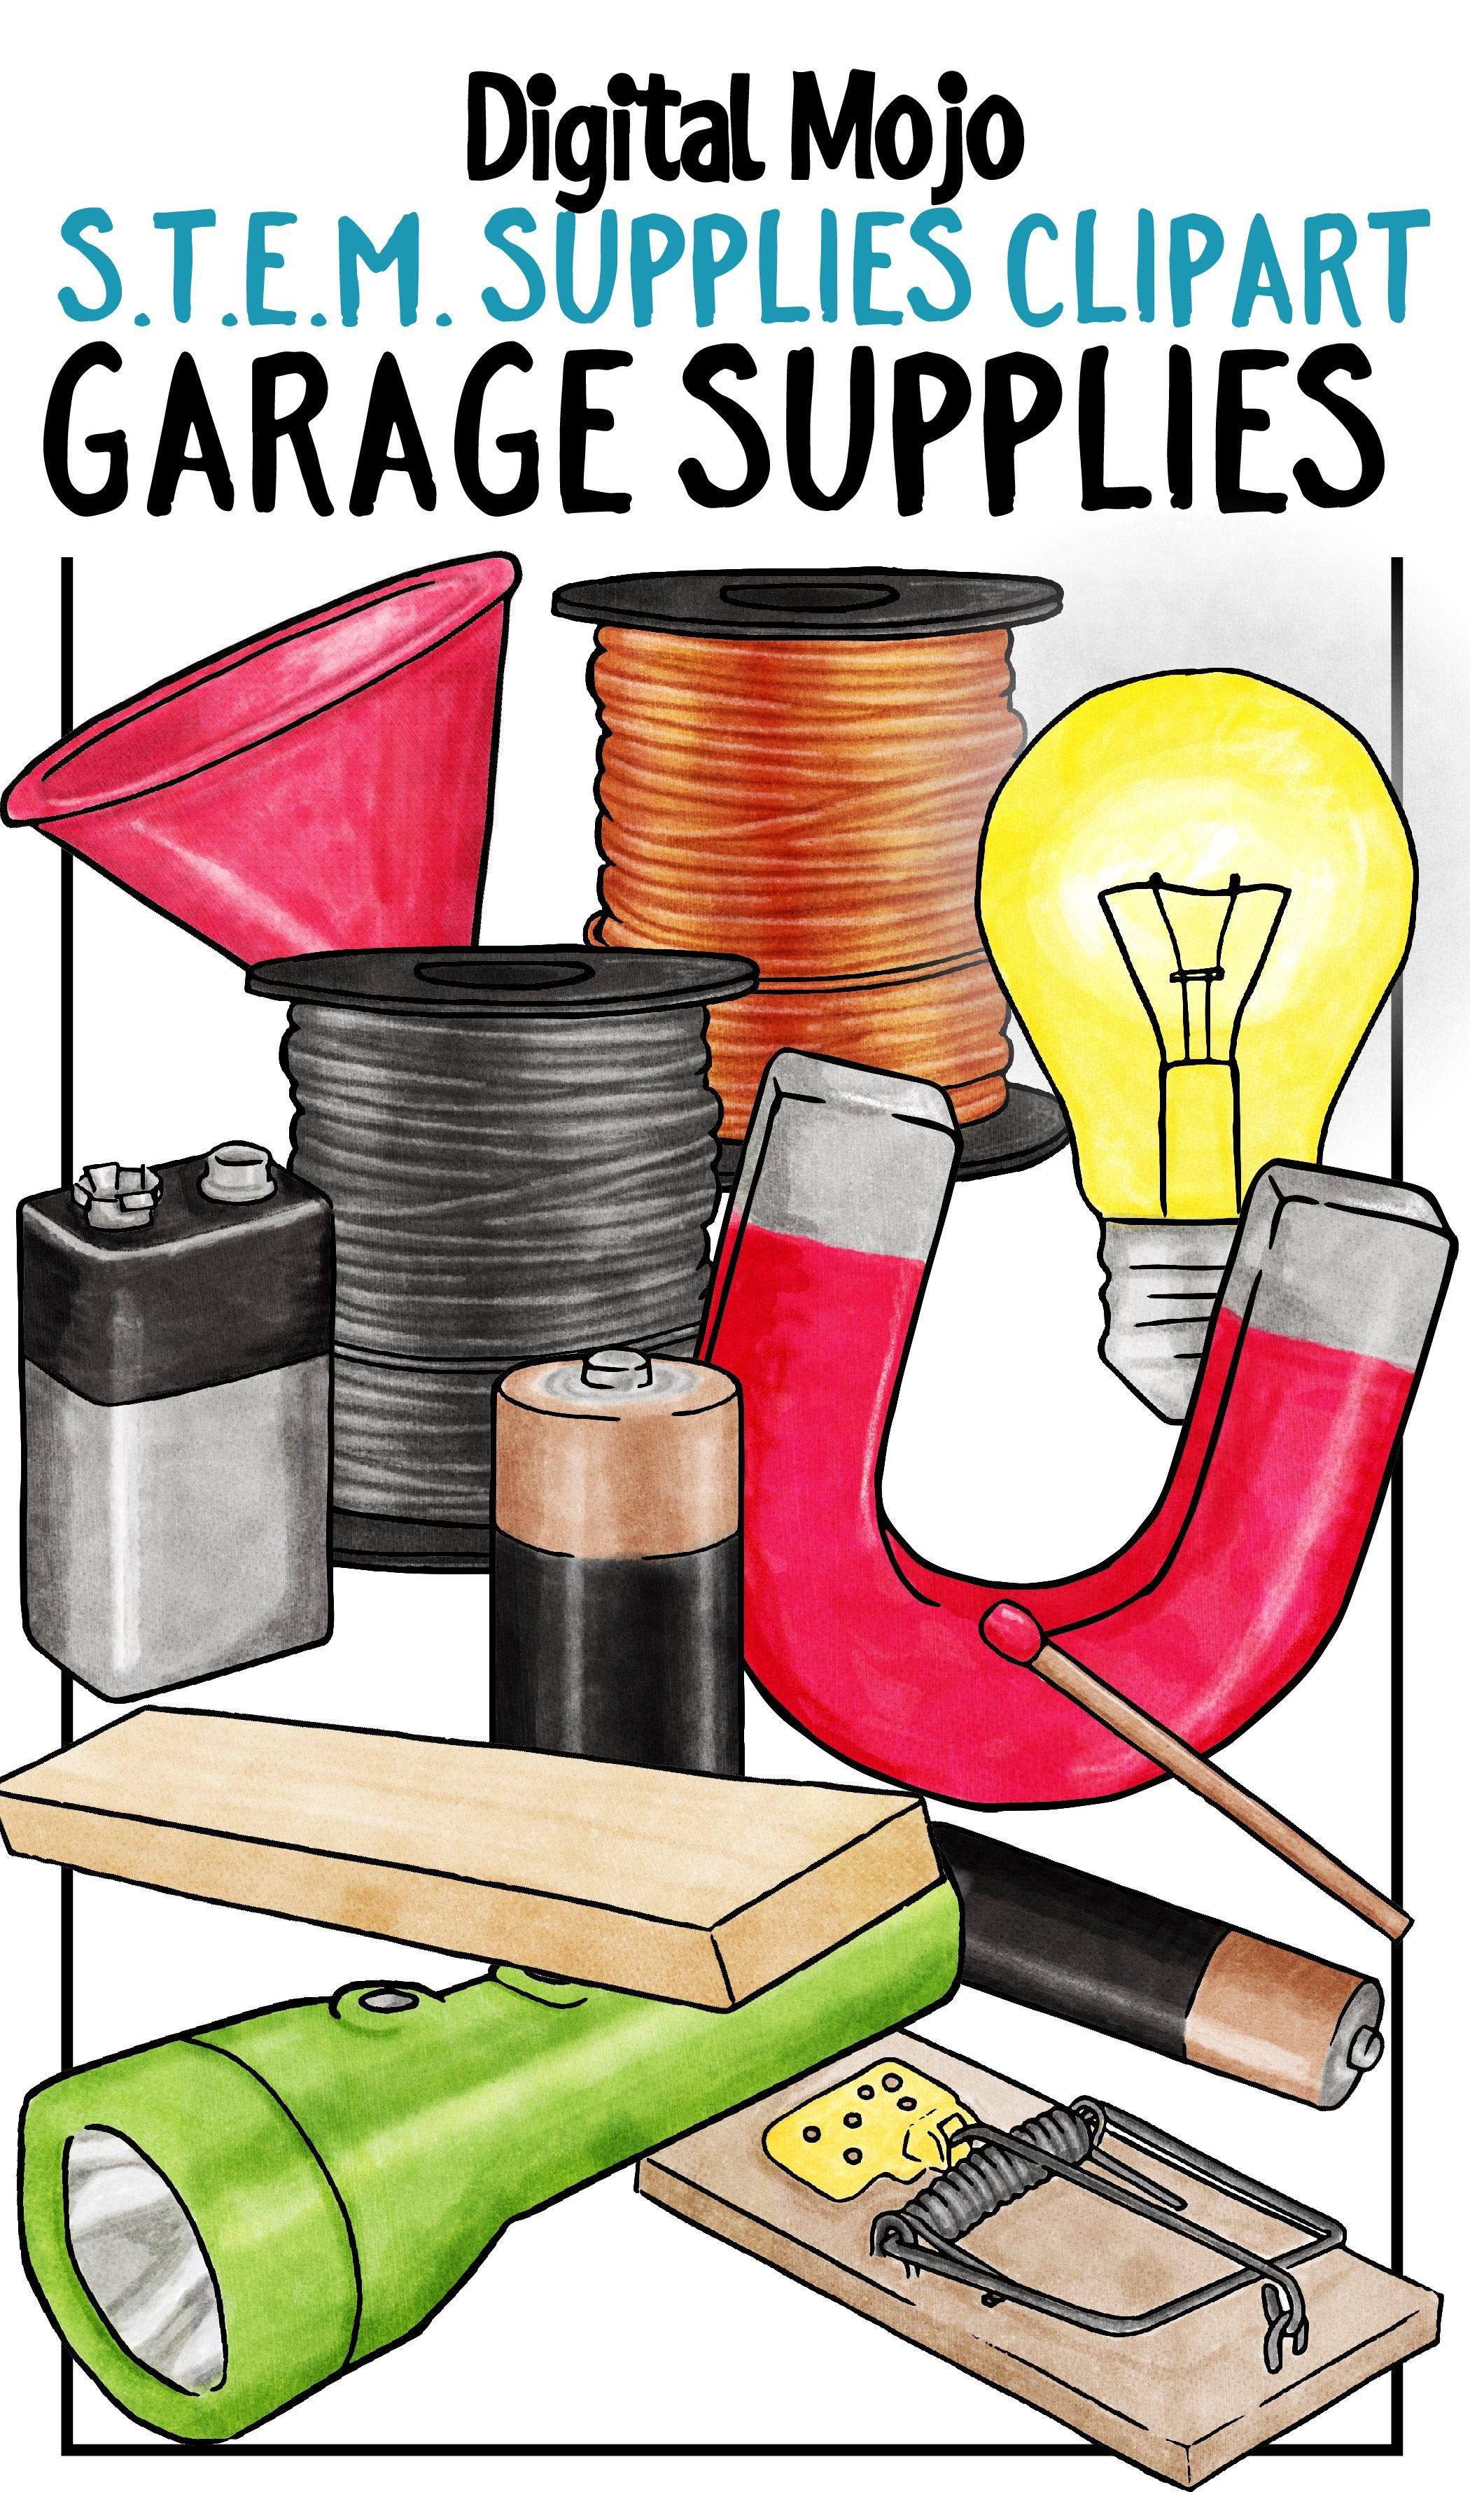 STEM Garage Supplies Clipart | Clipart for Teachers | Pinterest ...